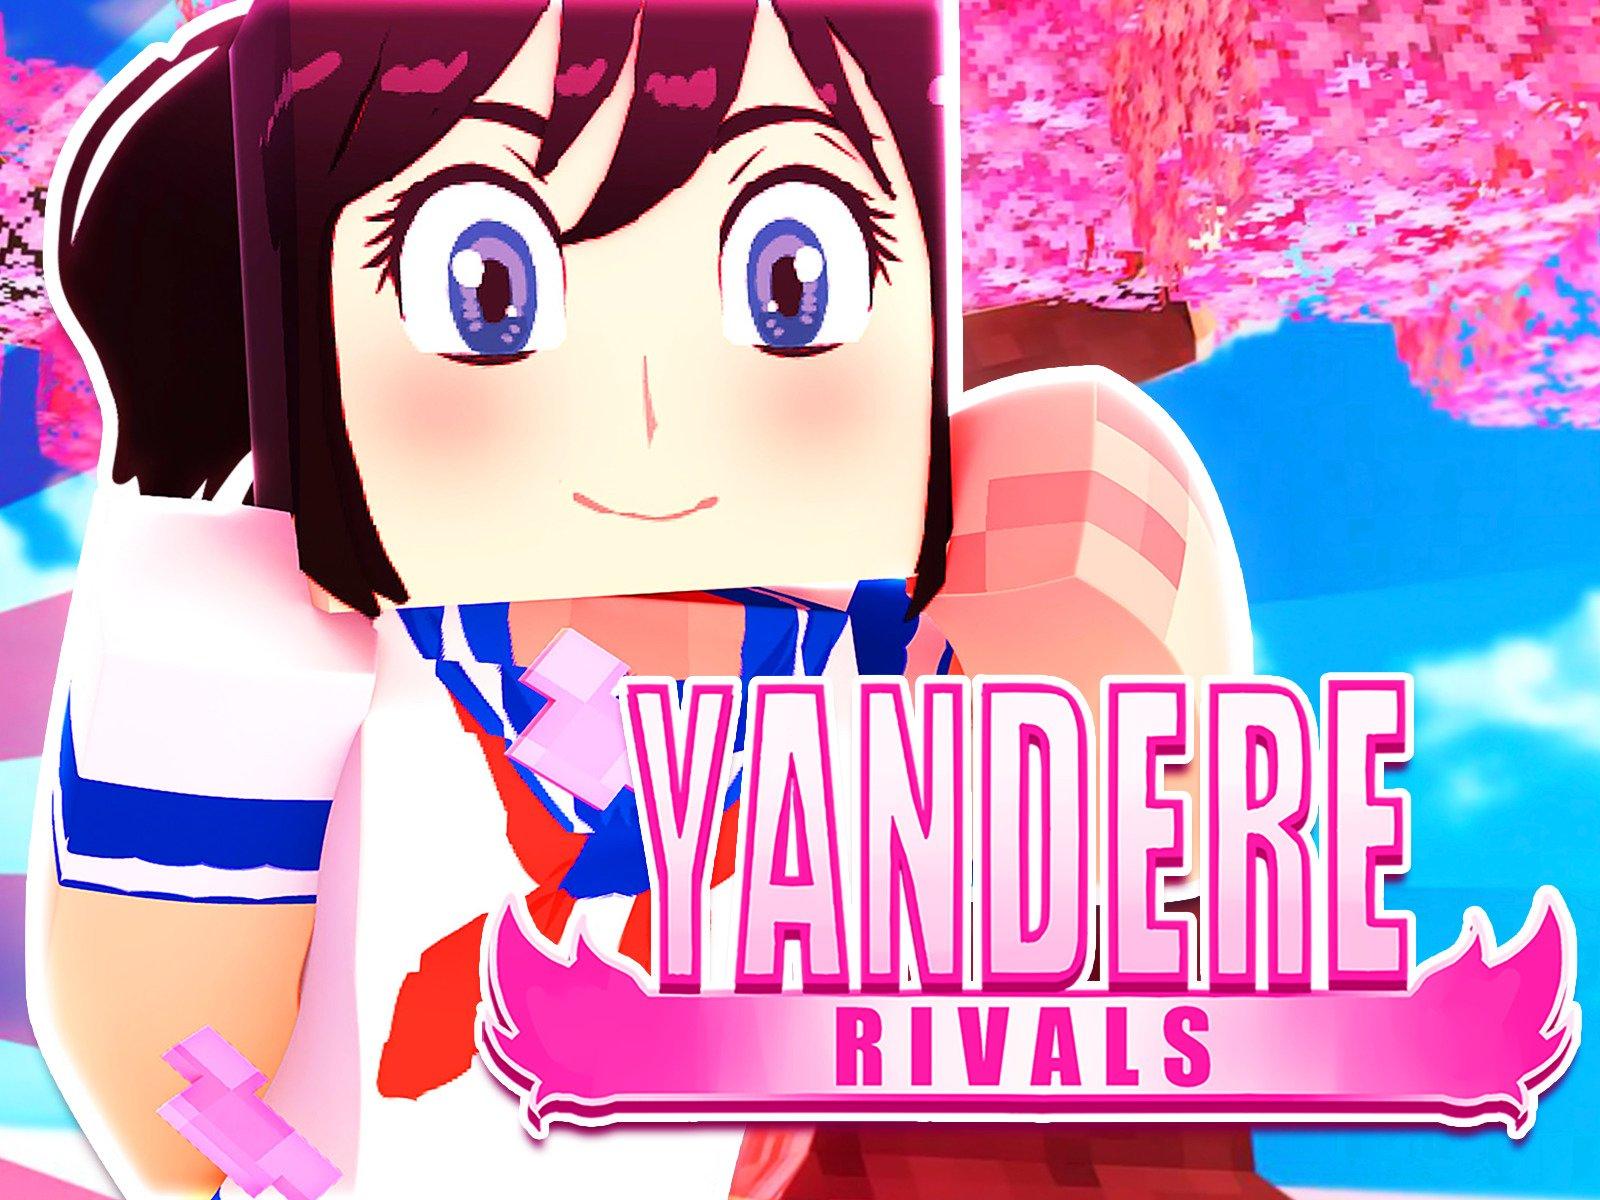 Yandere Rivals - Season 1